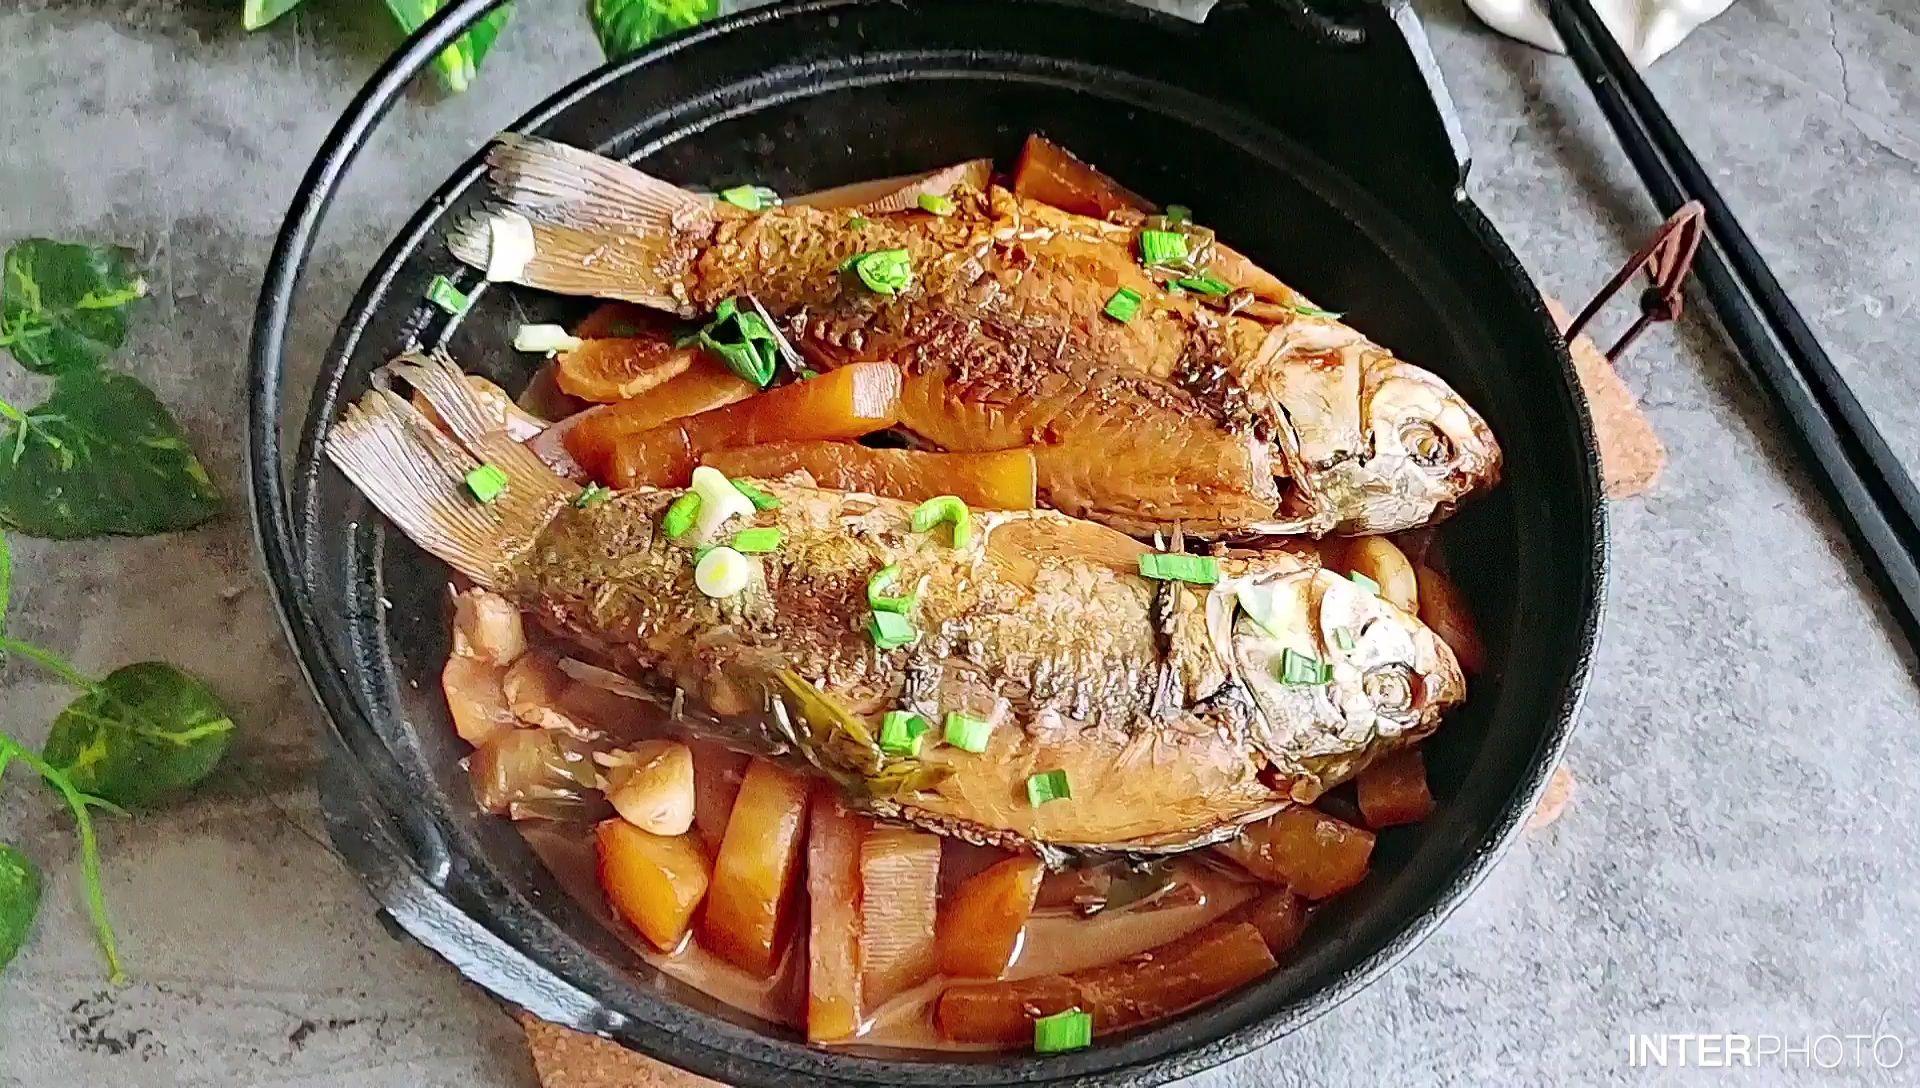 冬天就要多吃萝卜,这样和鱼一起炖,萝卜比肉还好吃…鲫鱼炖萝卜条